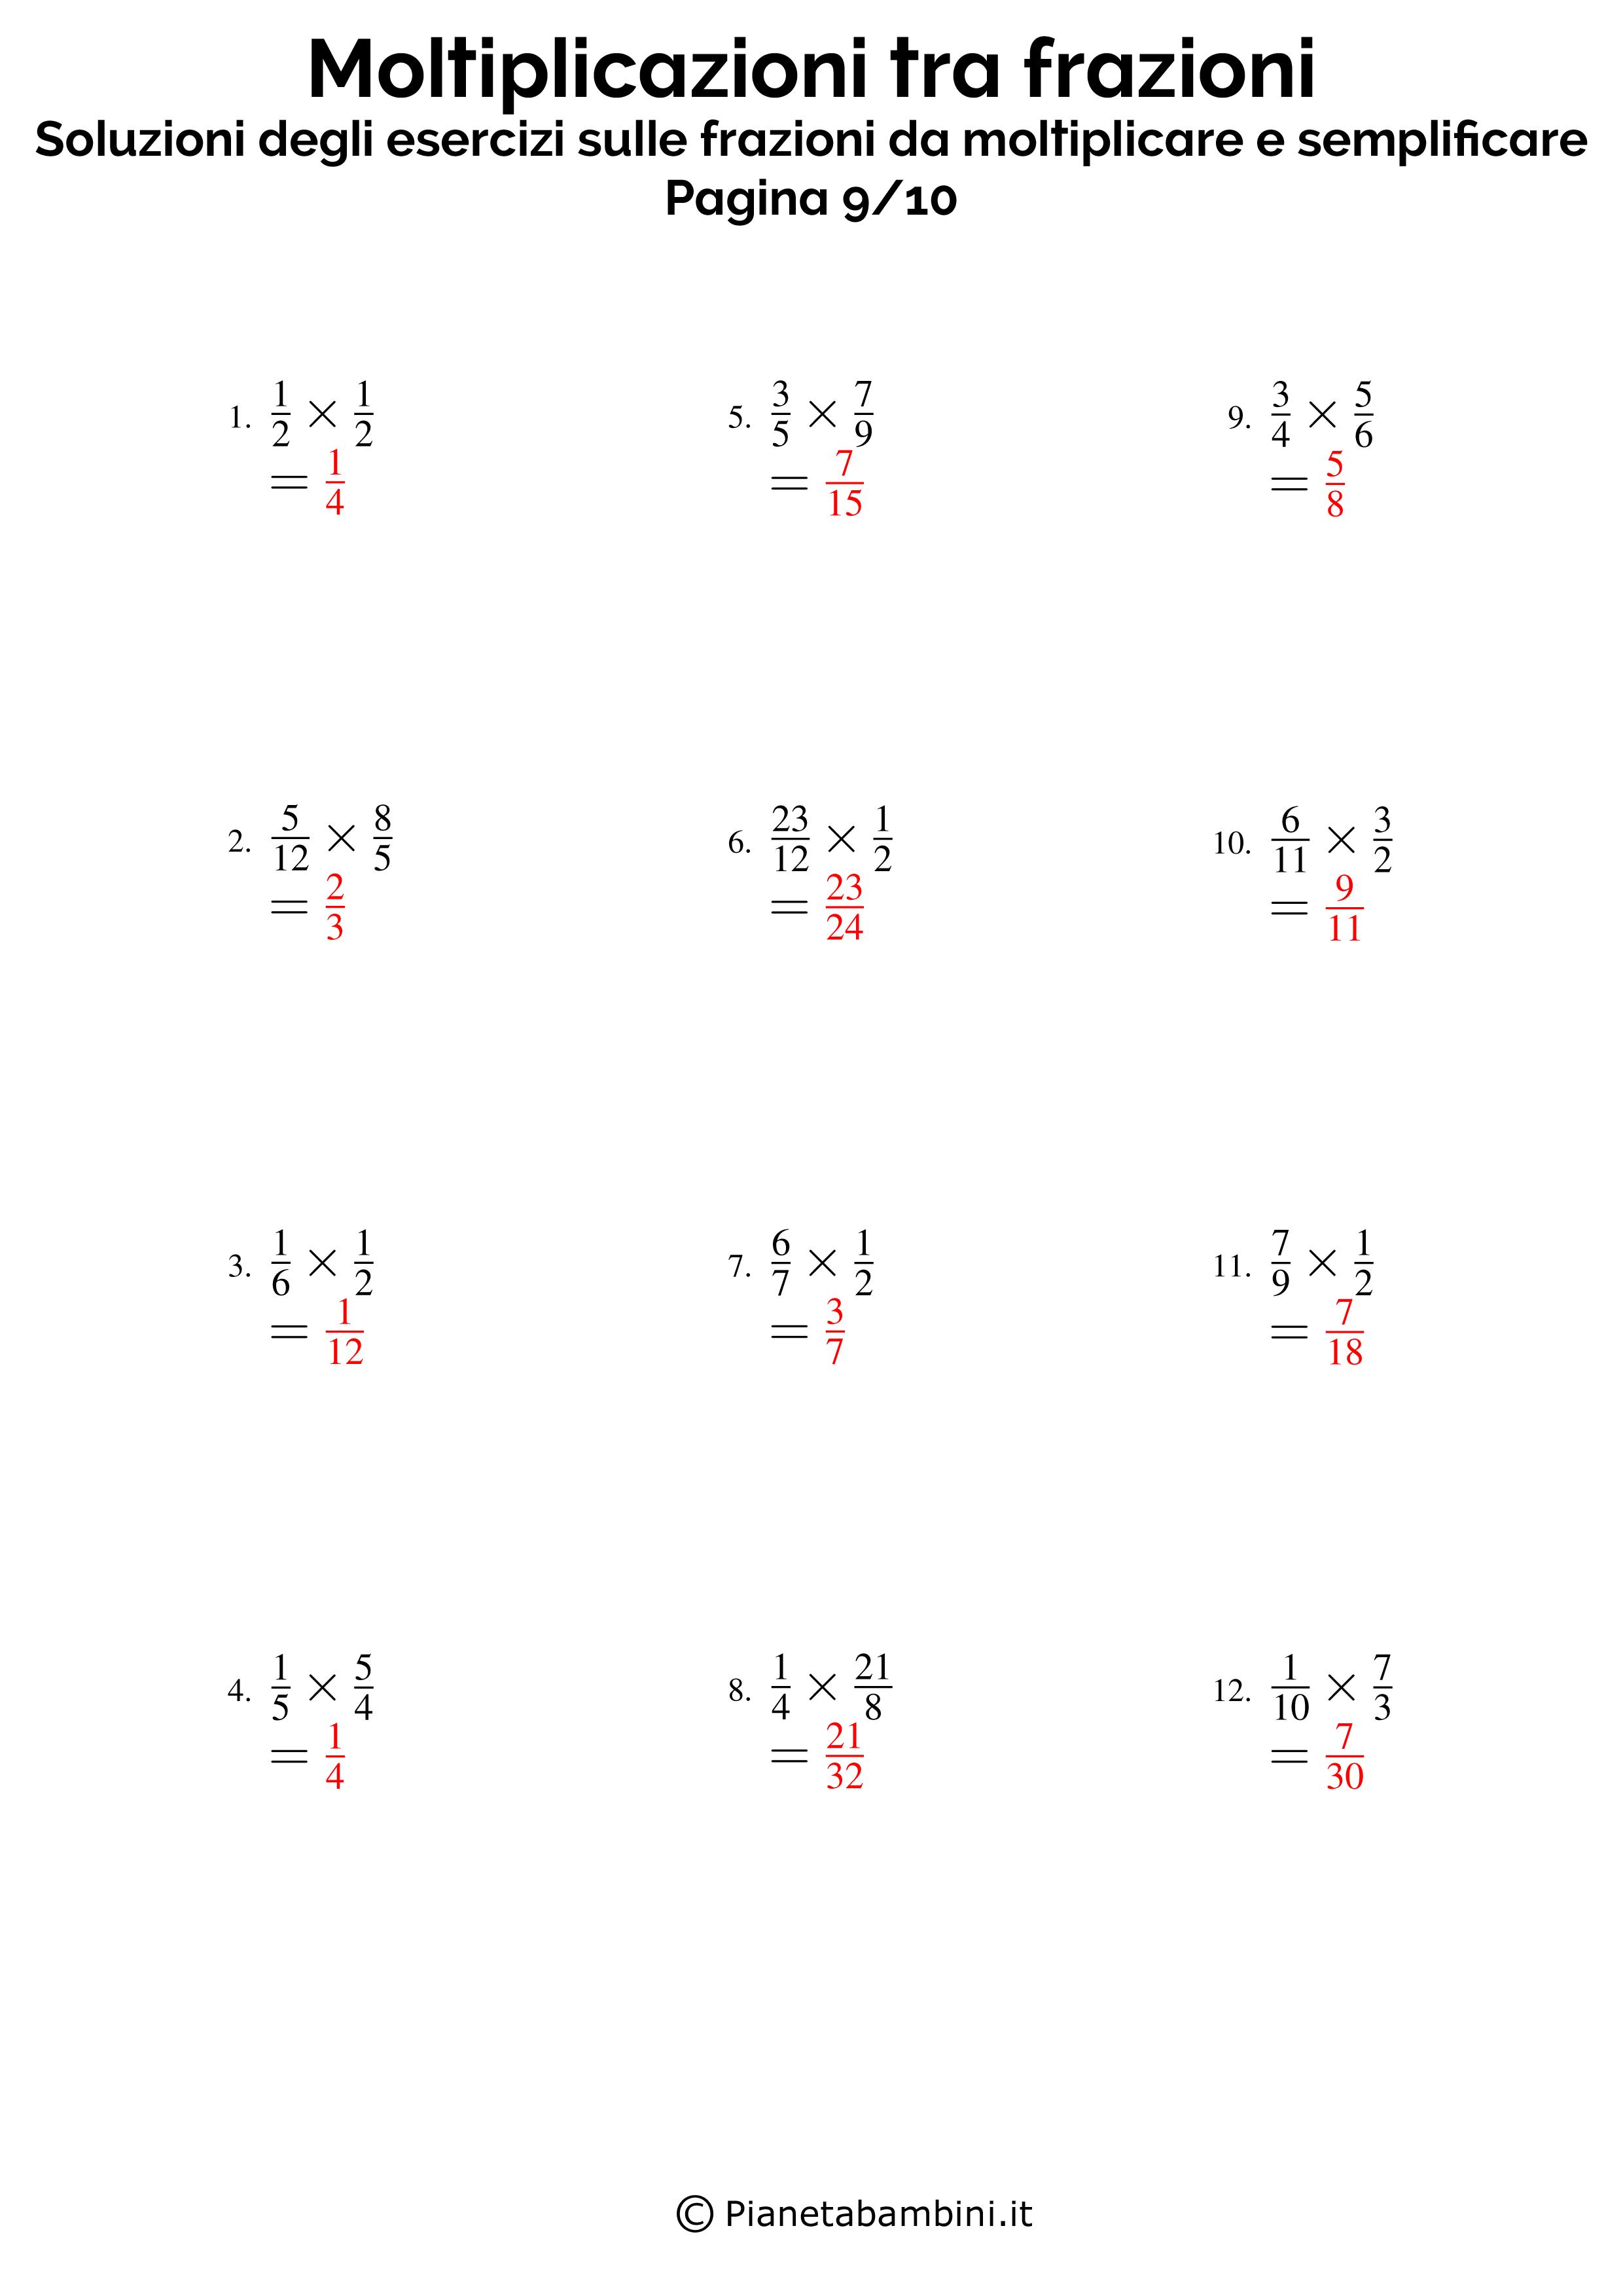 Soluzioni-Frazioni-Moltiplicare-Semplificare_09